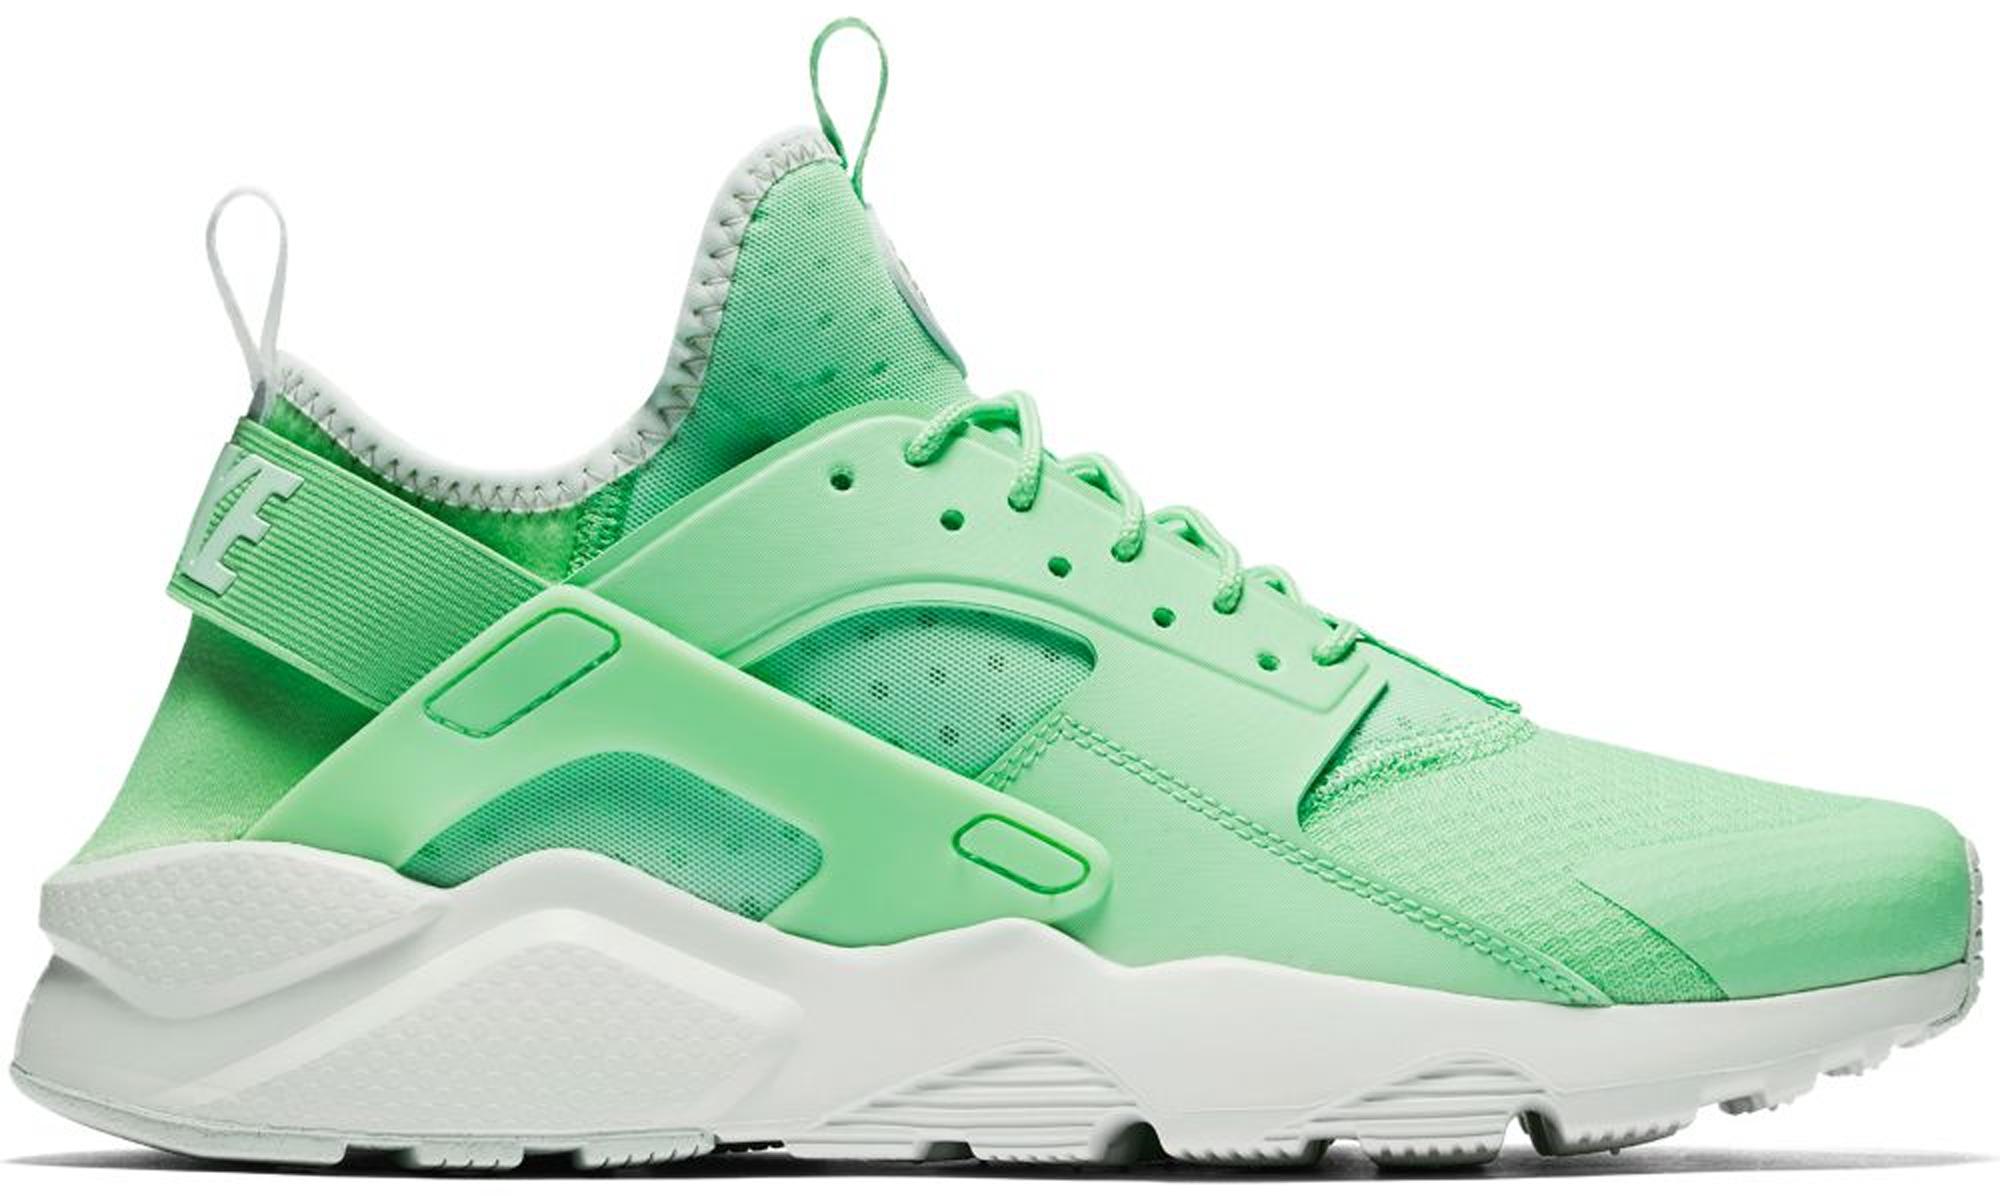 Nike Air Huarache Run Ultra Fresh Mint